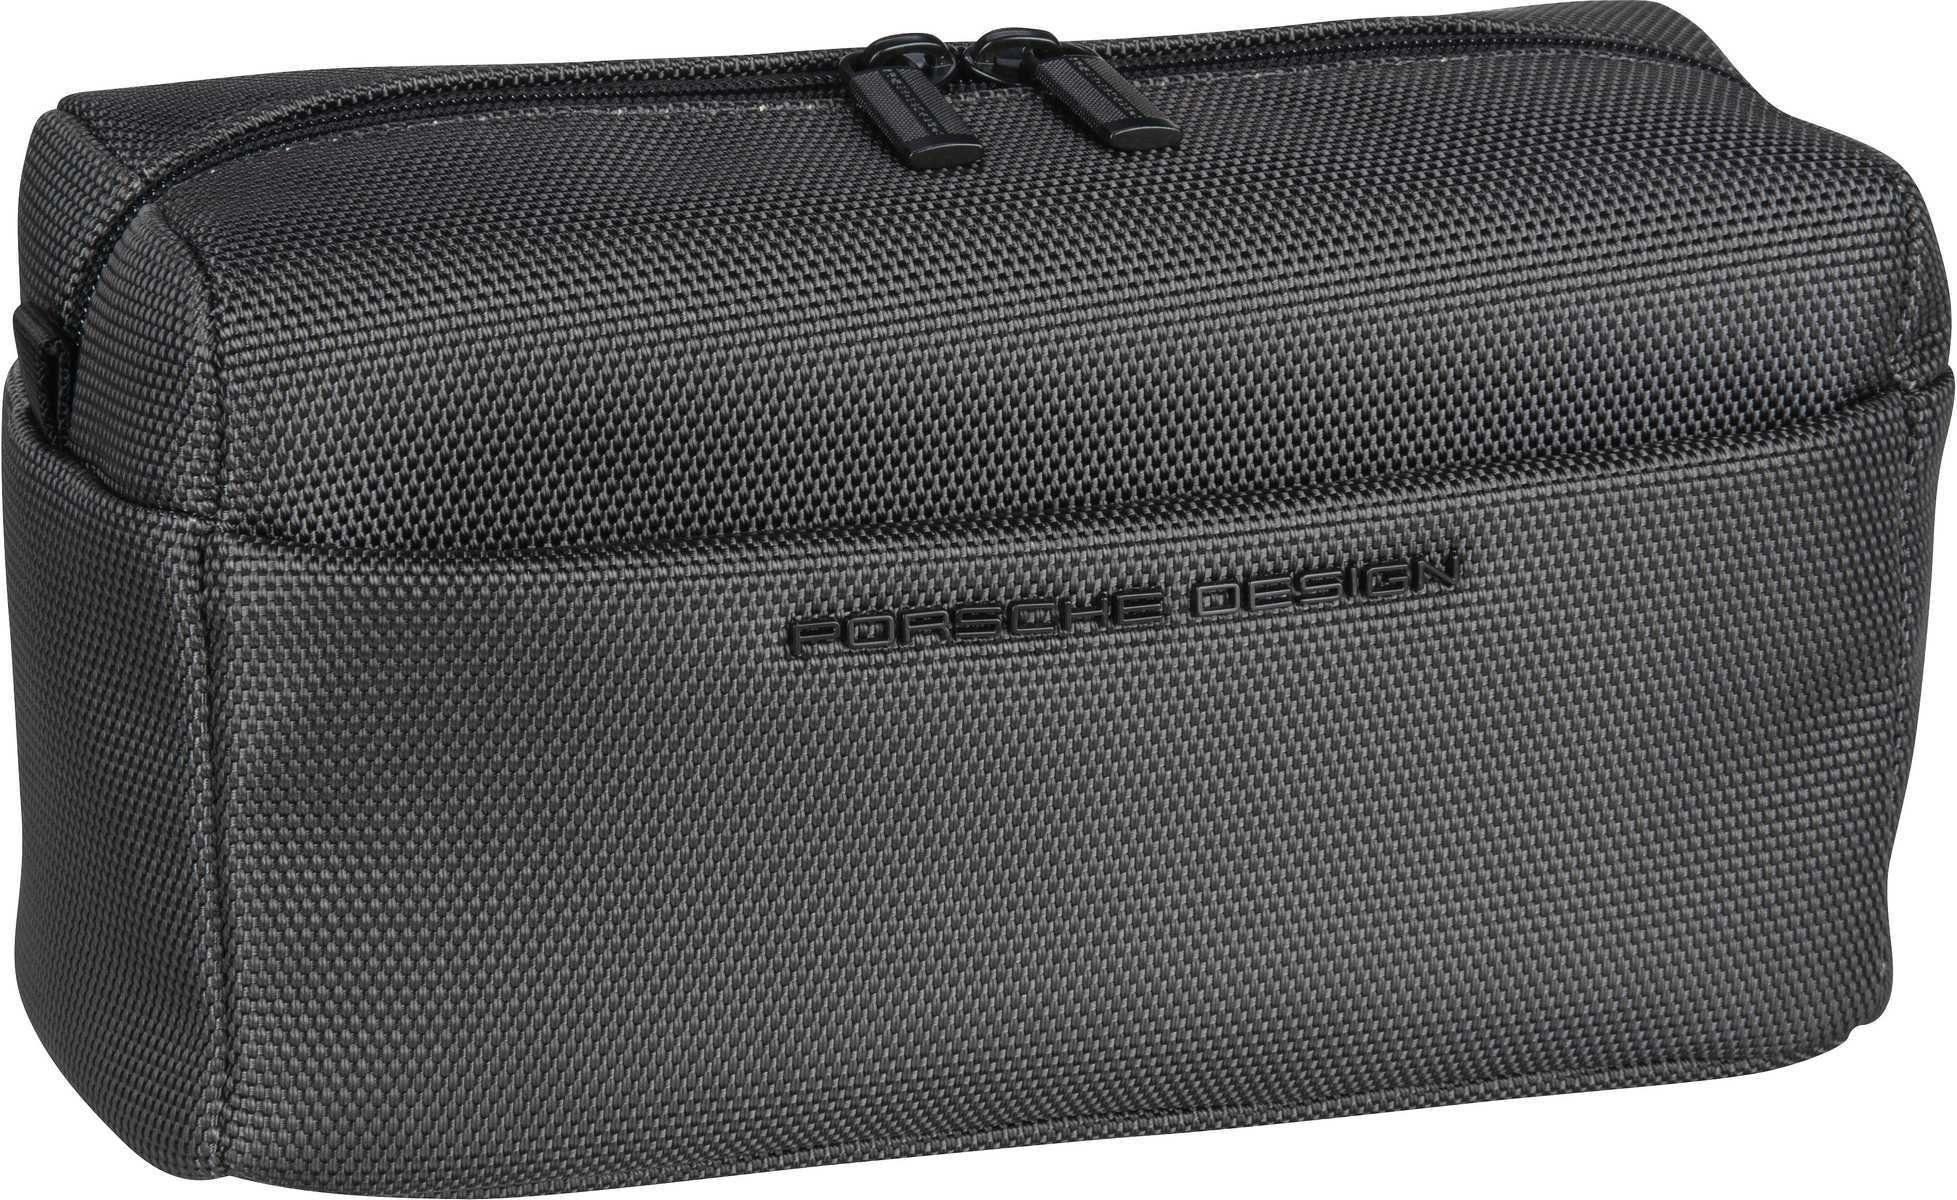 Unisex PORSCHE Design Kulturbeutel / Beauty Case »Roadster 4.1 WashBag SHZ« grau | 04053533749034